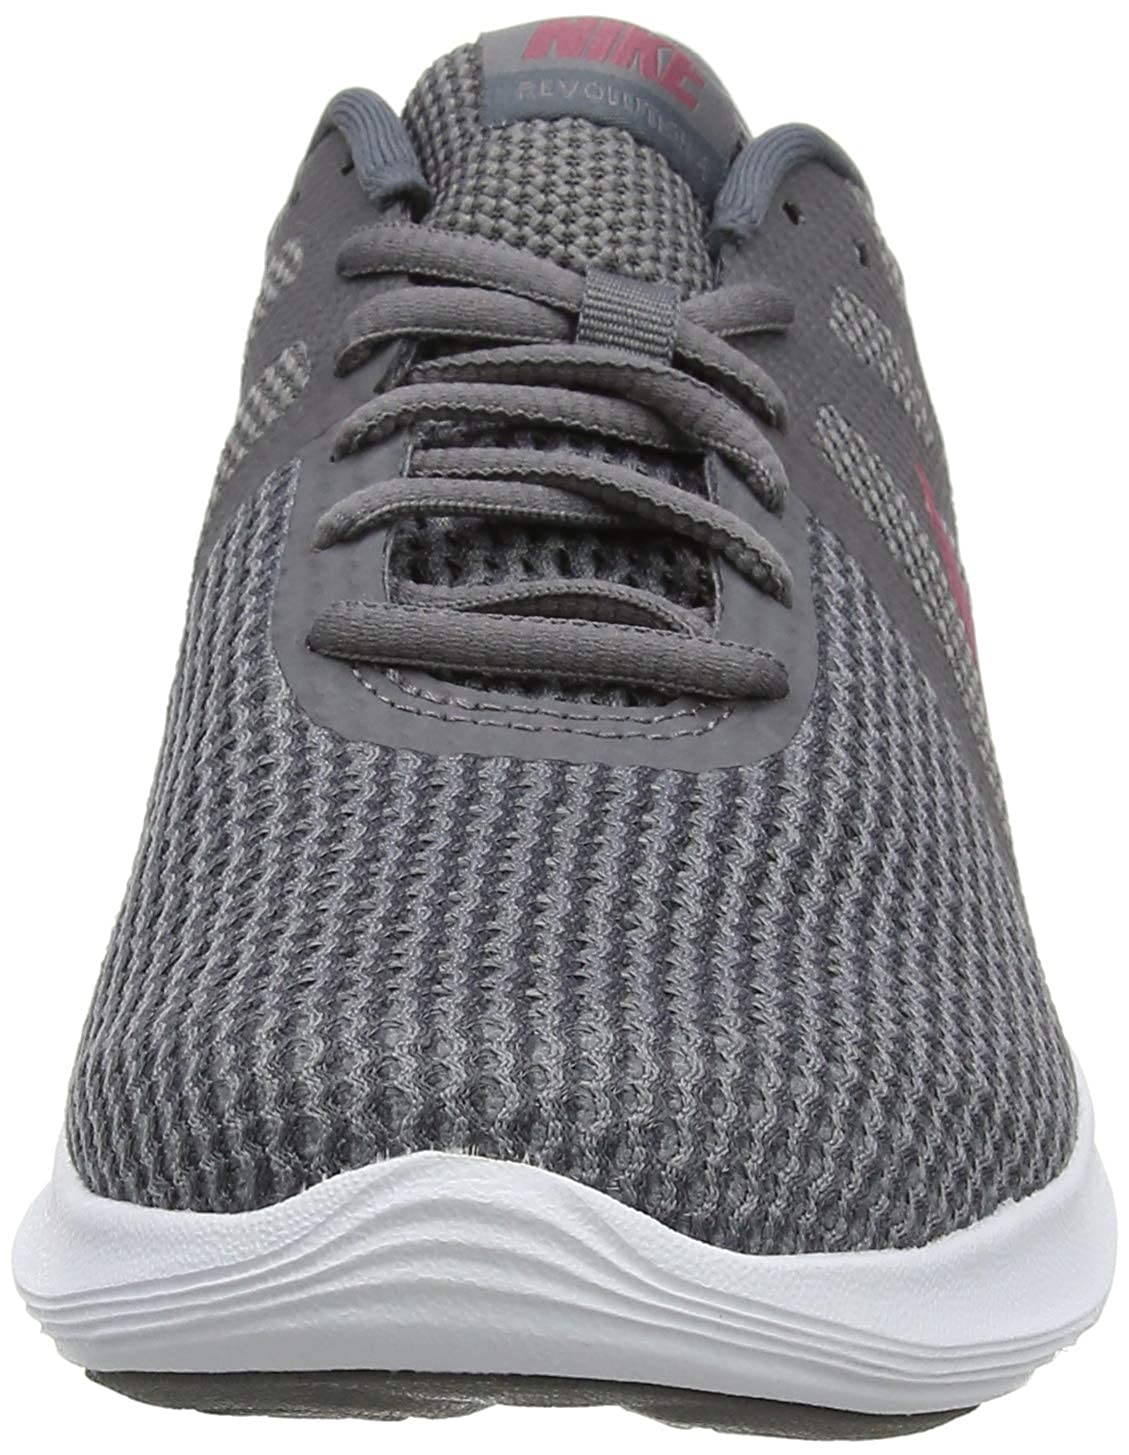 Nike Zapatillas de Deporte Unisex Adulto, (Aj3490 008 Blanco), 40 EU: Amazon.es: Zapatos y complementos